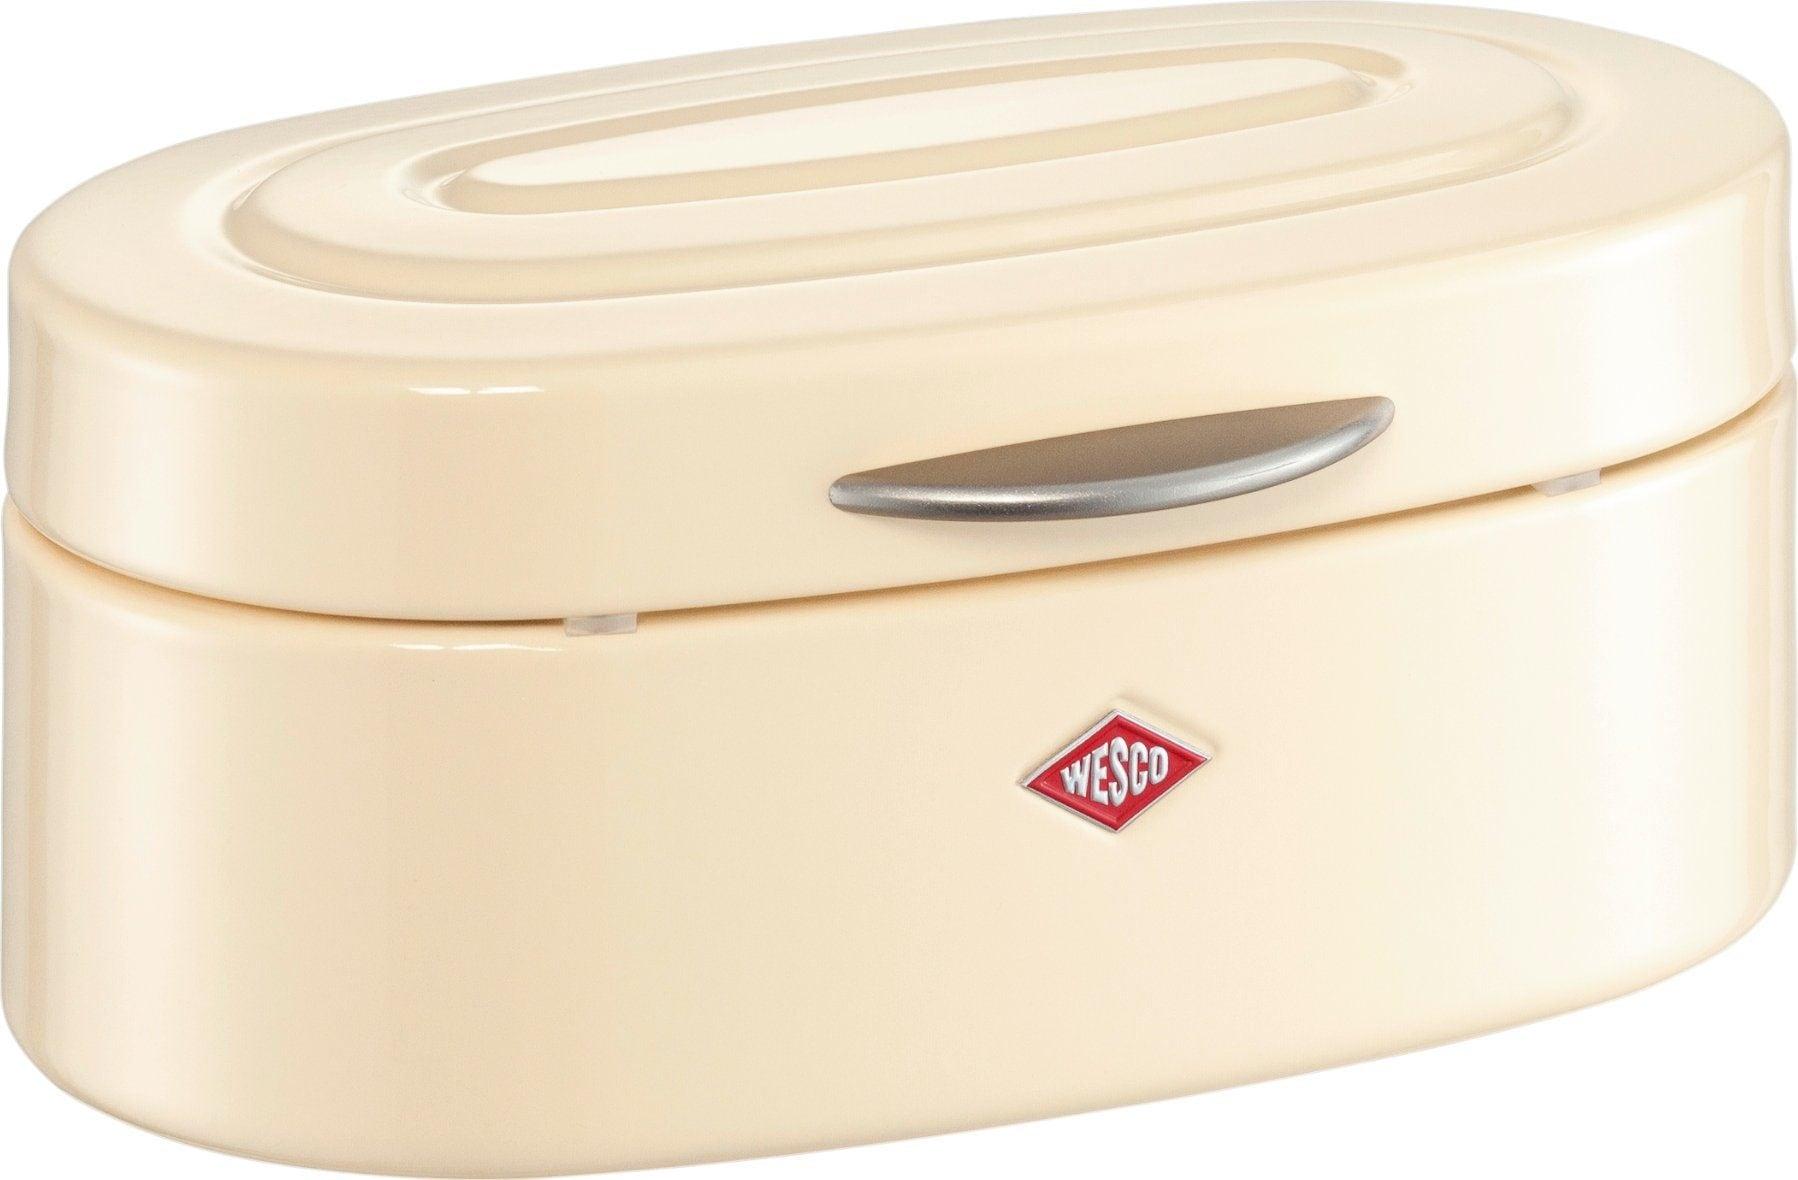 Wesco Aufbewahrungsbehälter MINI ELLY braun Aufbewahrung Küchenhelfer Haushaltswaren